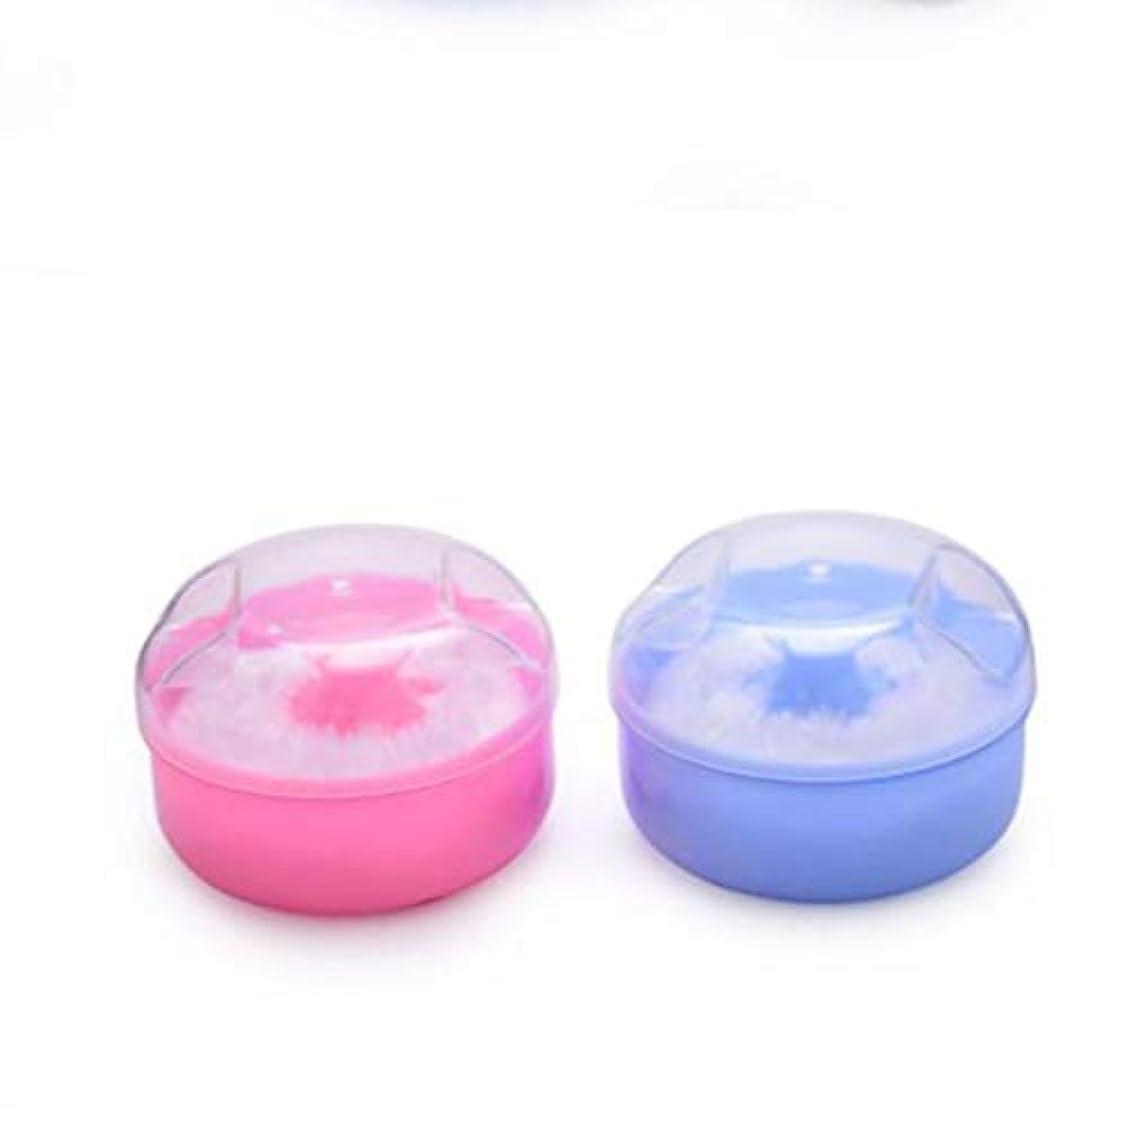 テキストファーザーファージュ黙認するFrcolor パウダーパフ ベビーパウダーケース パウダーボックス ふんわりパフ 容器付 ボディケア 2個セット(ピンク+ブルー)